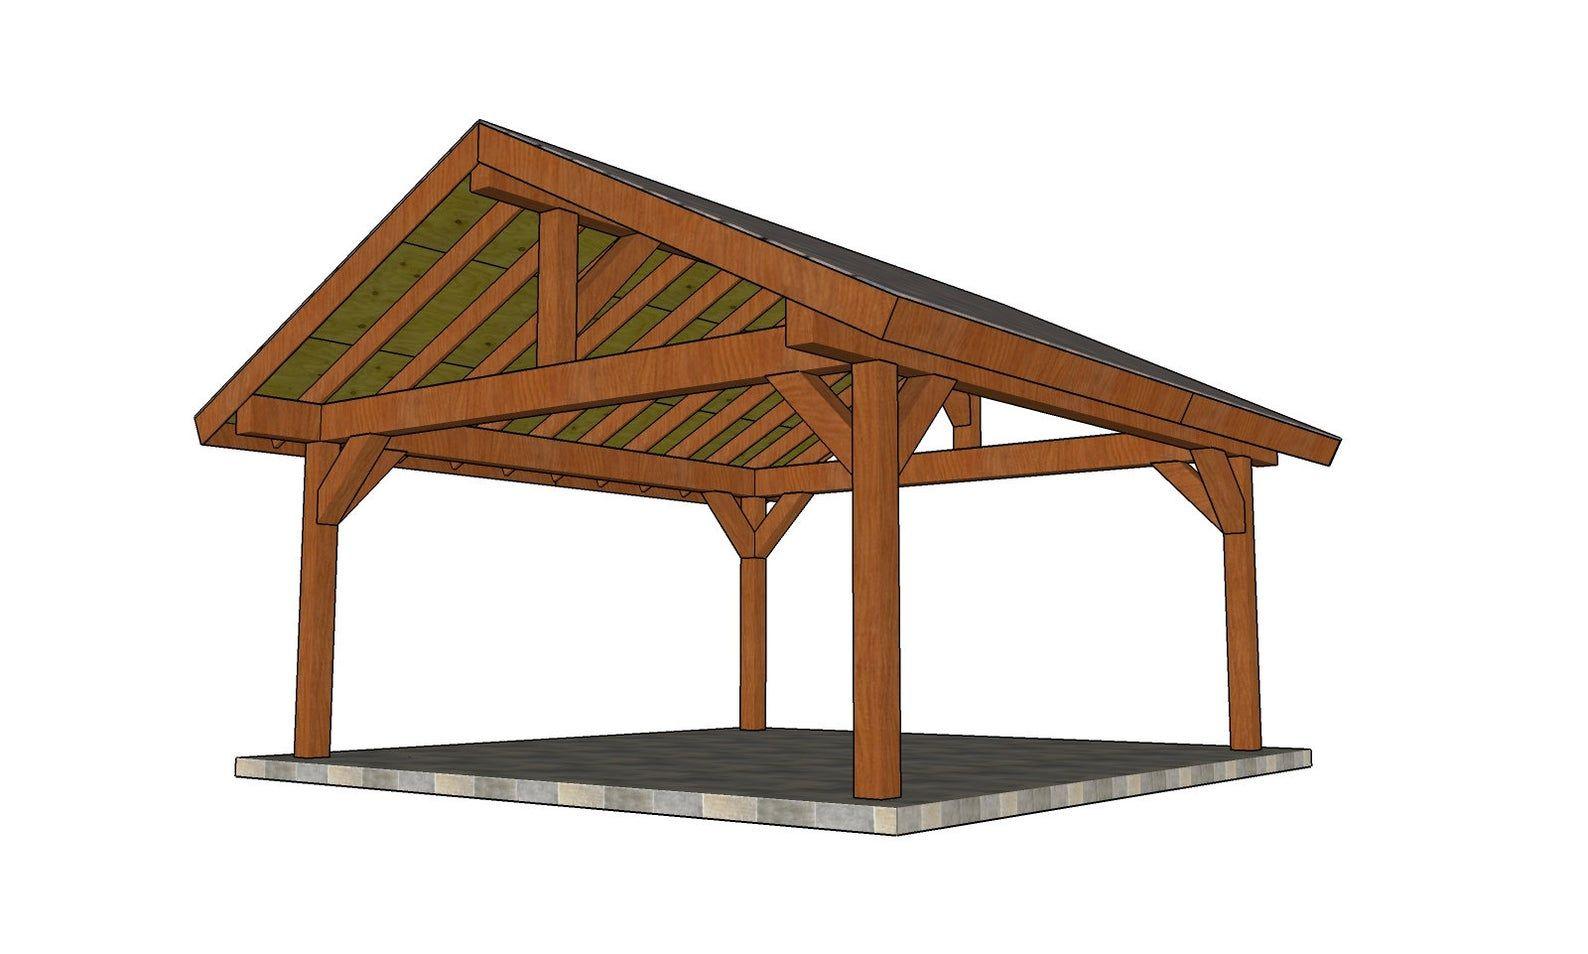 18x18 4 Post Gable Pavilion Plans Etsy Pavilion Plans Patio Plans Backyard Pavilion